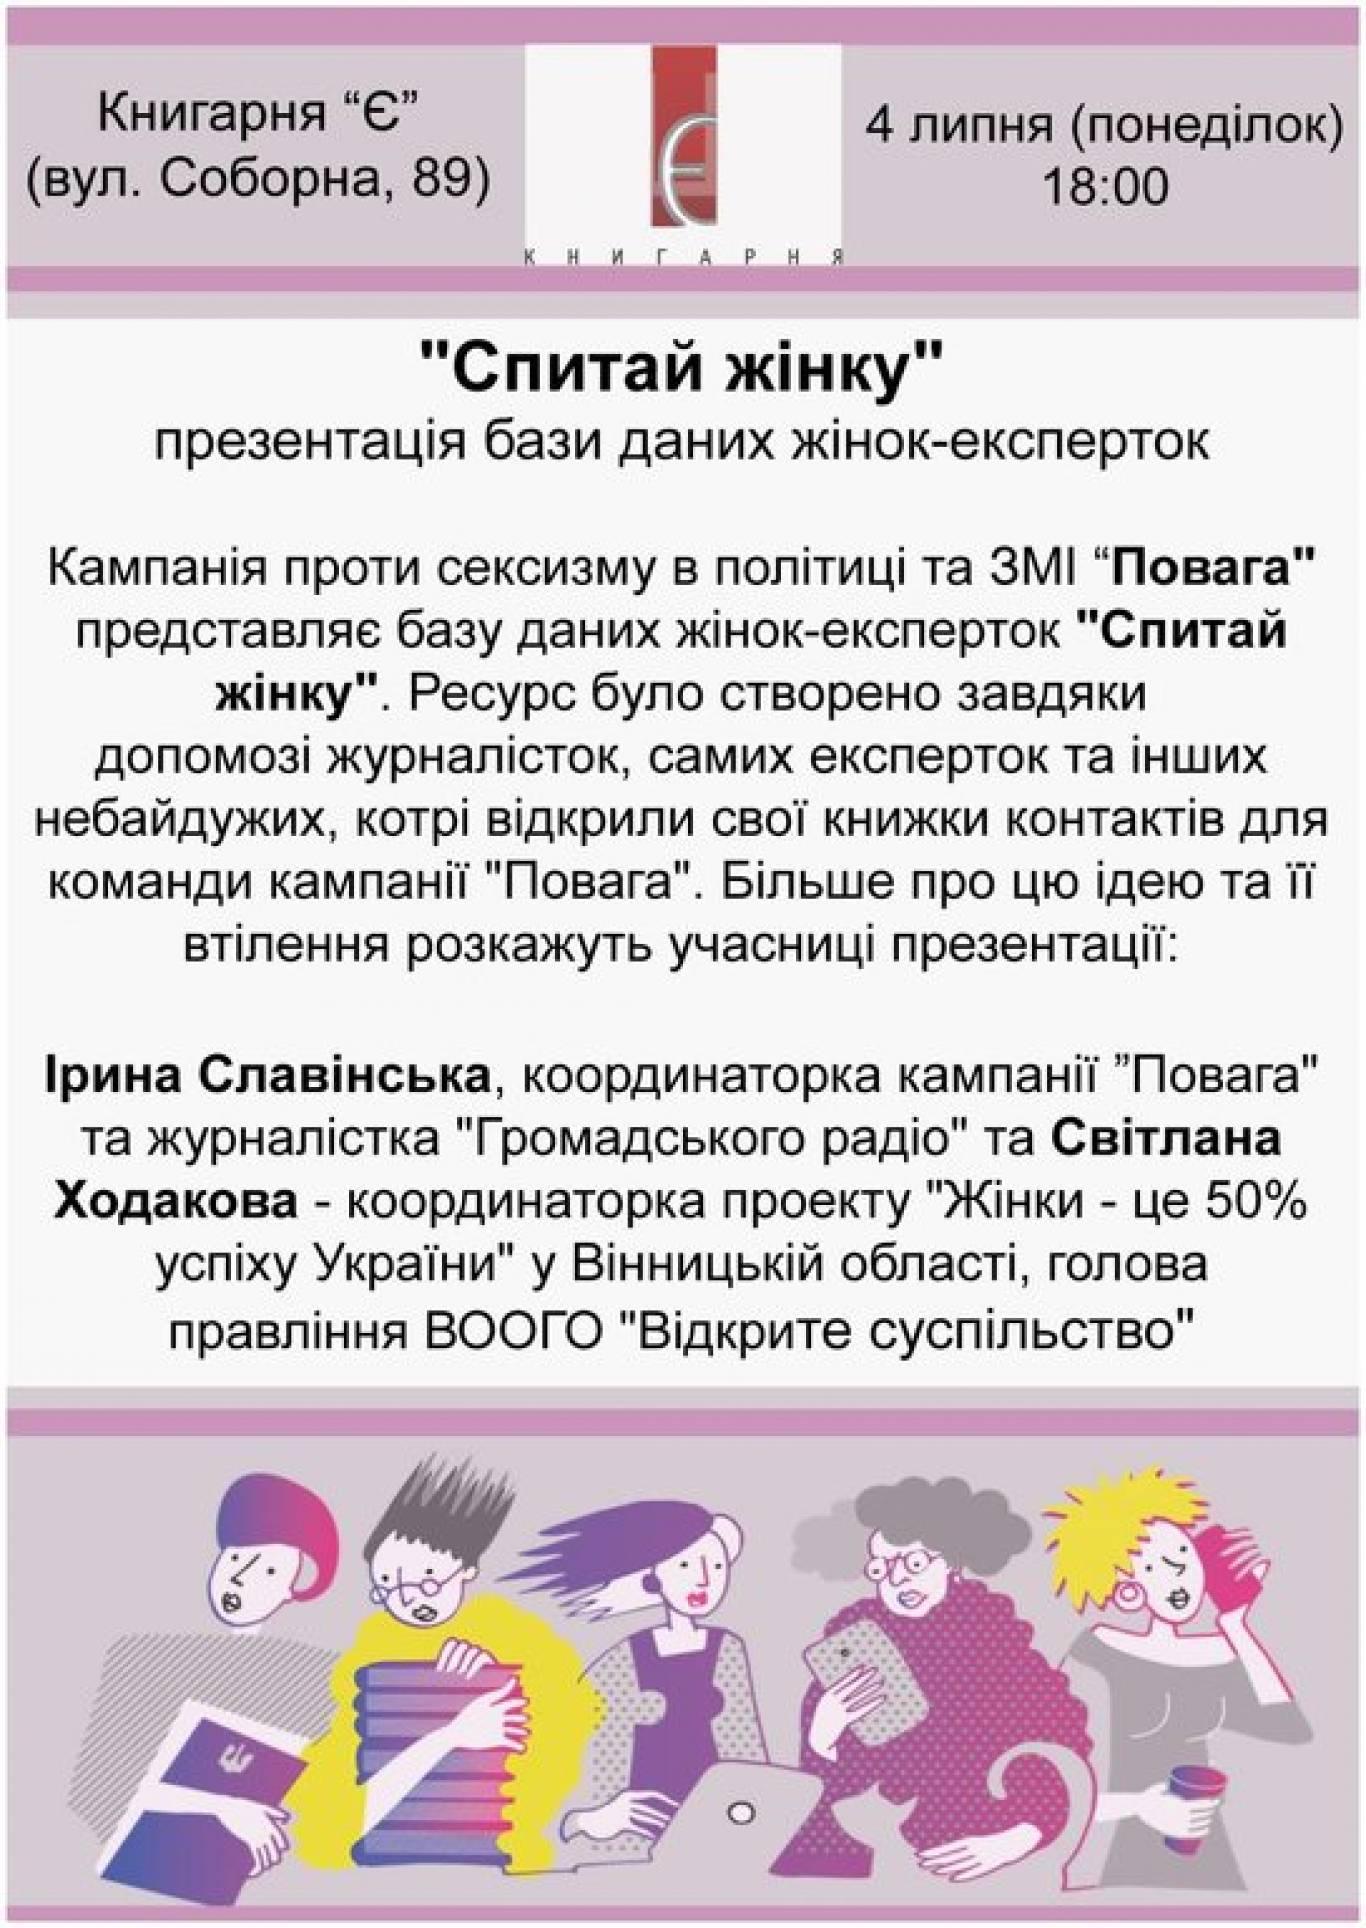 «Спитай жінку»: у Вінниці презентують базу даних жінок-експерток